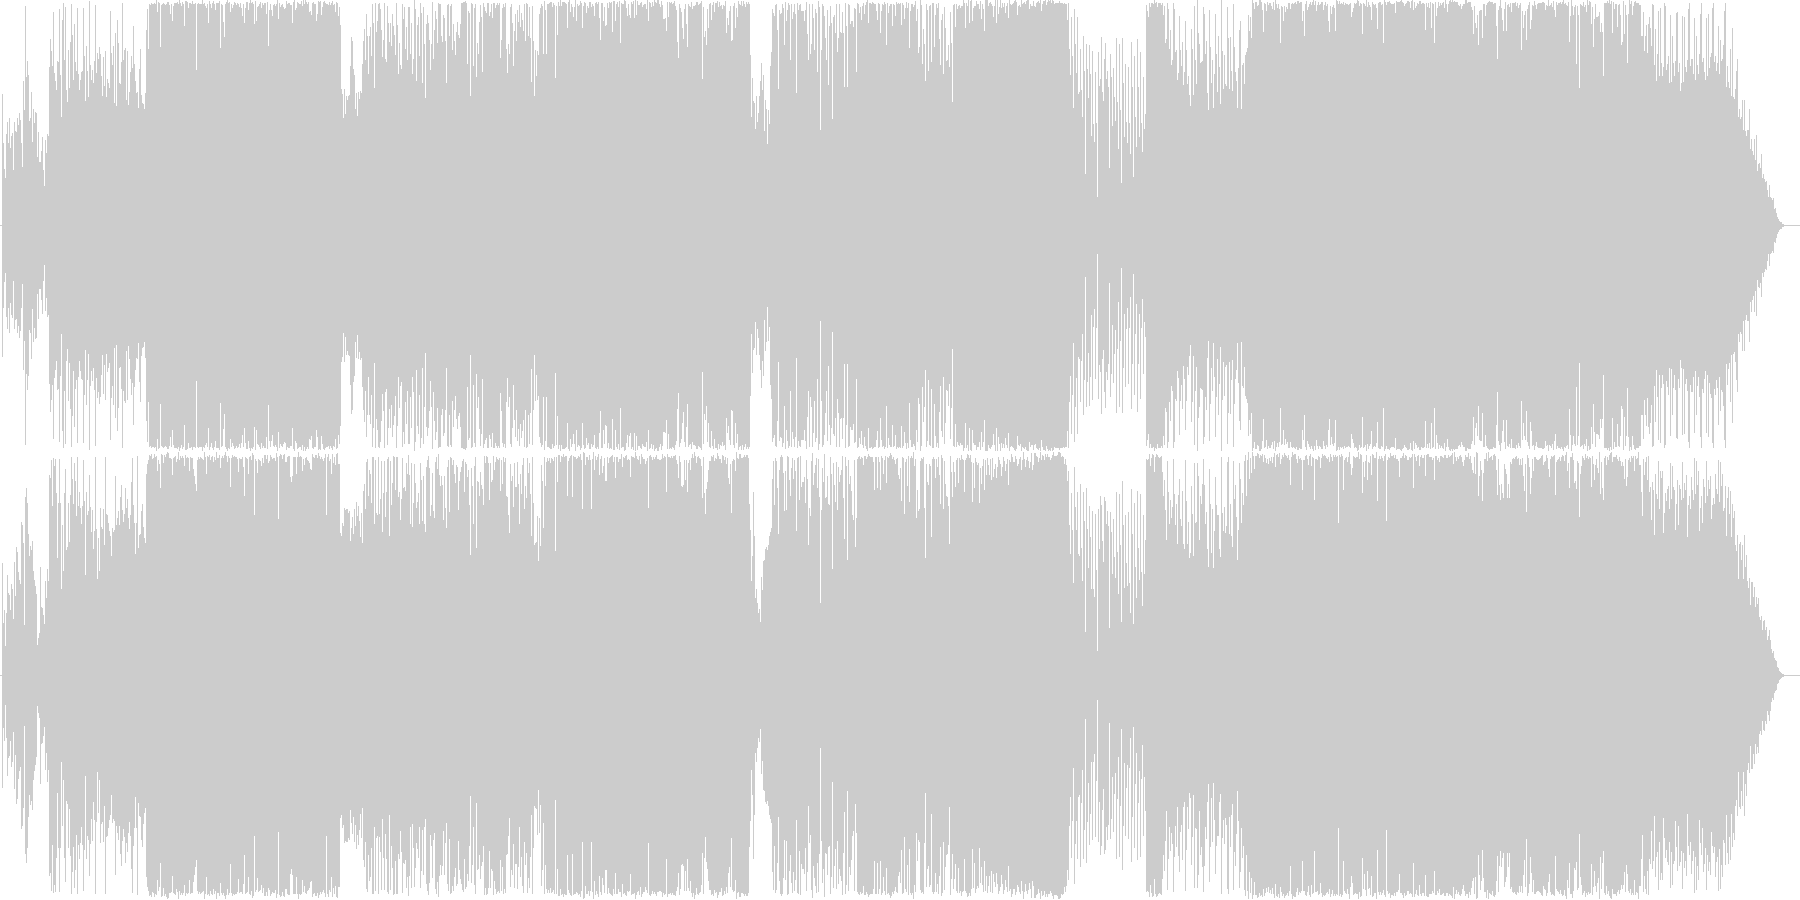 キラキラしたイメージのテクノポップロックの未再生の波形